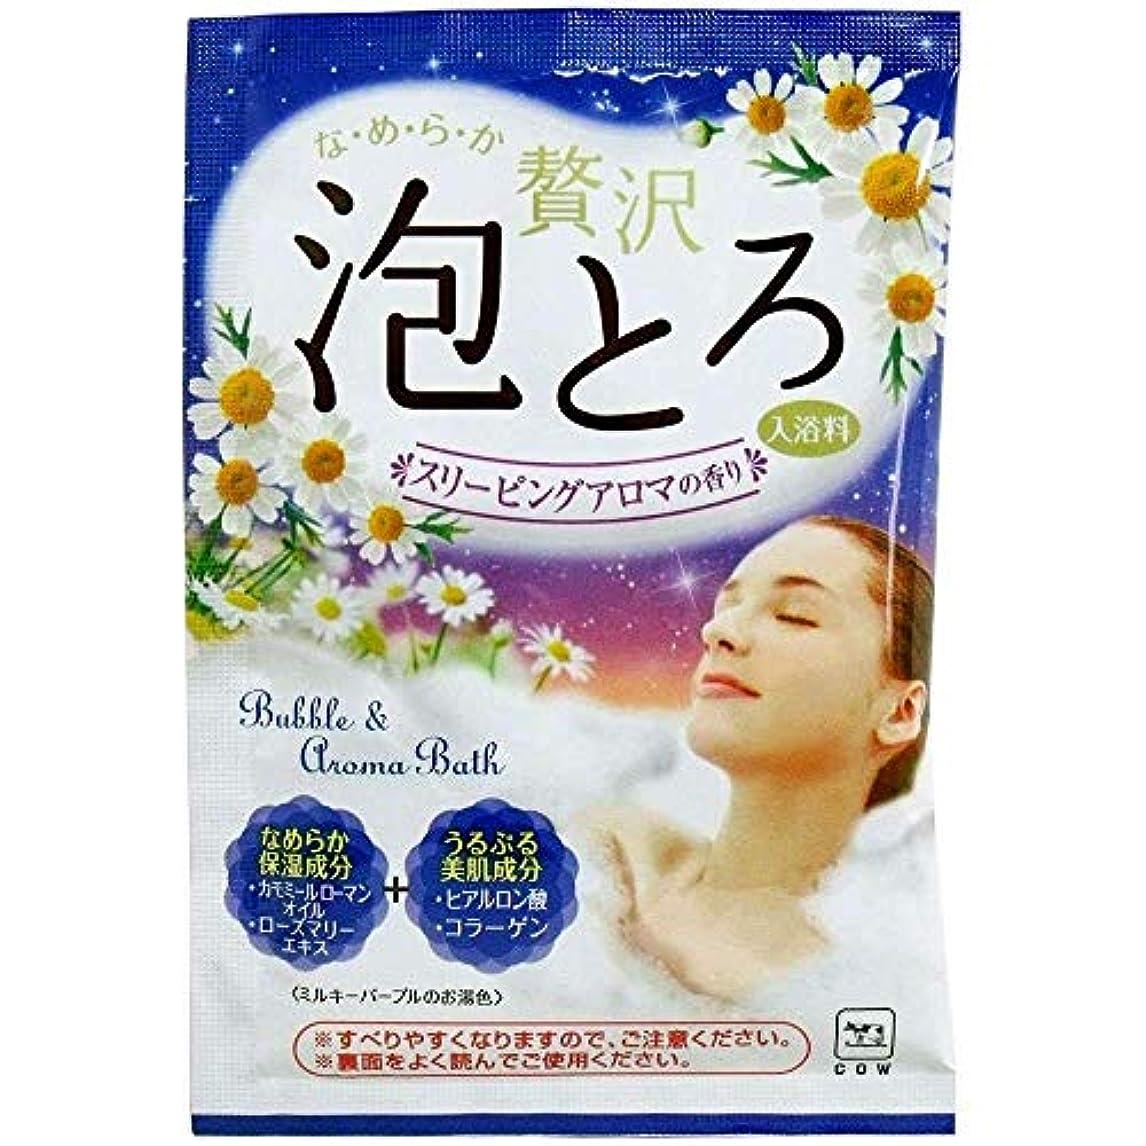 教える人質無傷牛乳石鹸共進社 お湯物語 贅沢泡とろ 入浴料 スリーピングアロマの香り 30g (2個)